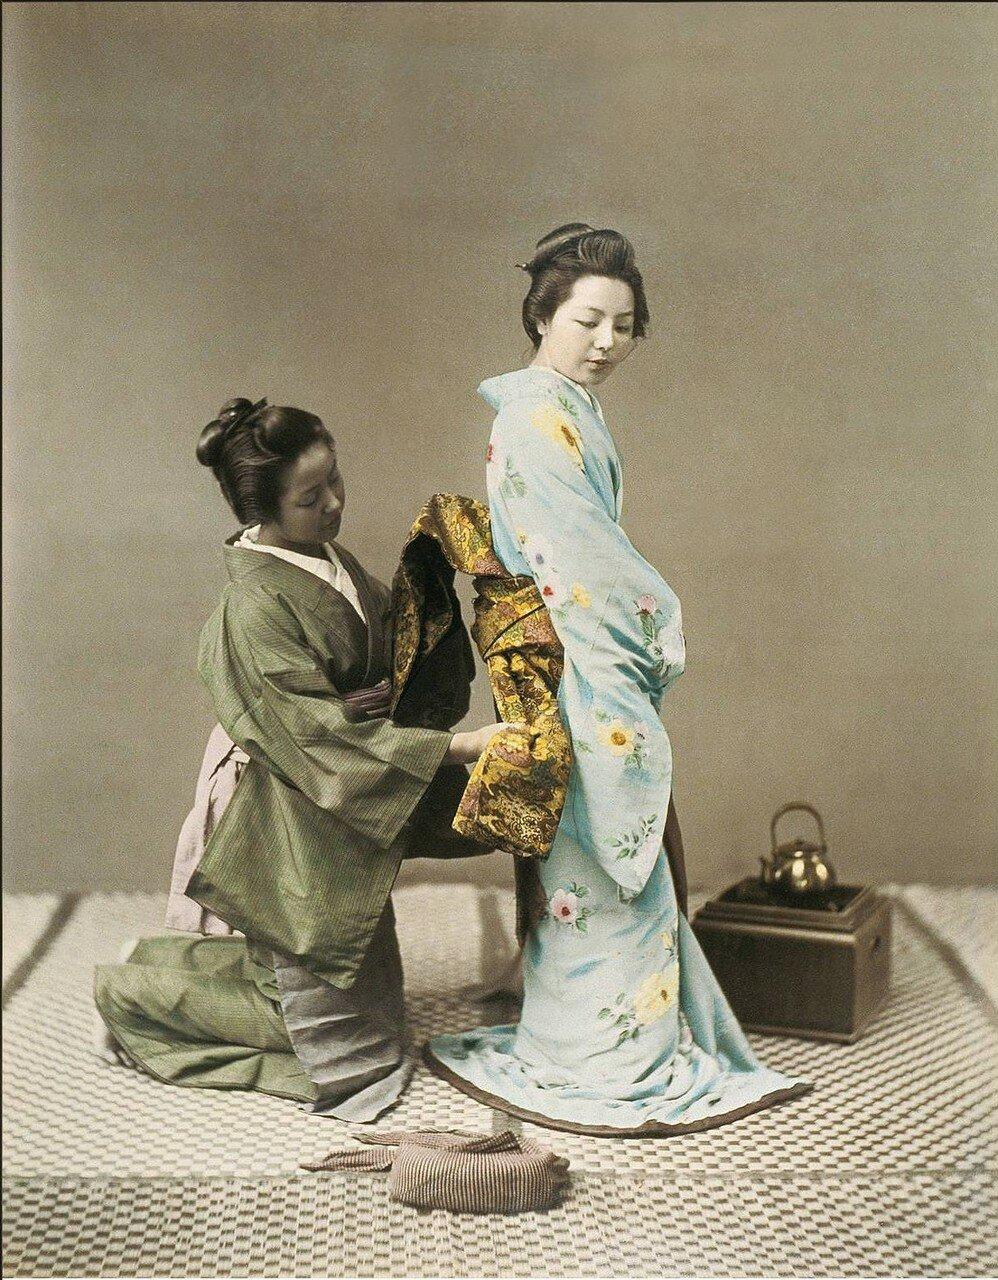 Служанка завязывает оби для гейши